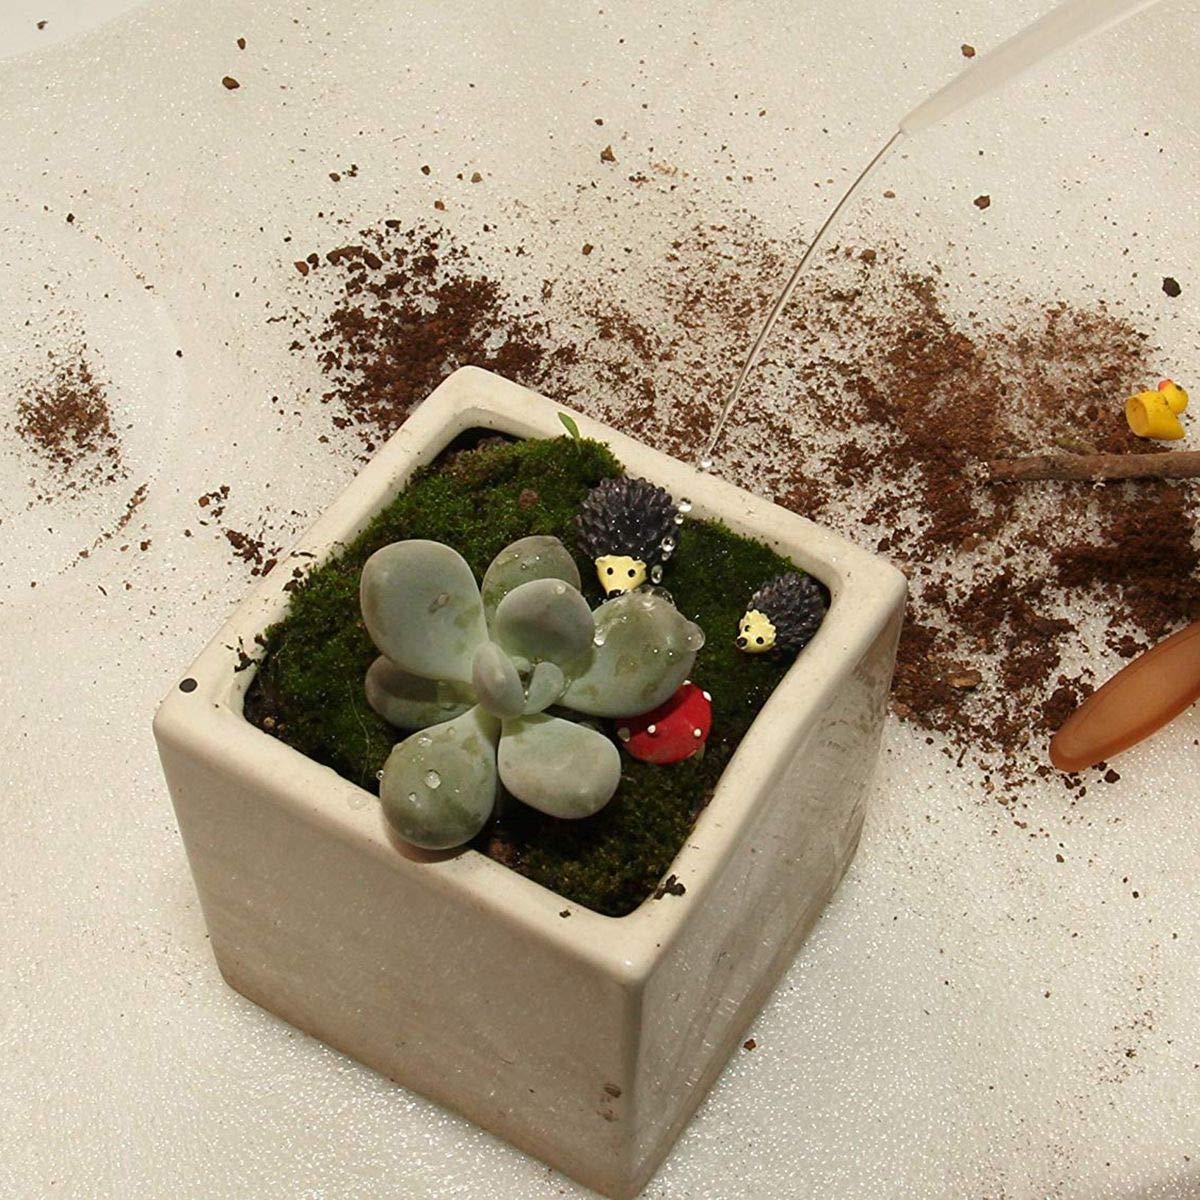 REFURBISHHOUSE Passez La Souris Sur LImage pour Zoomer Dans 7 Pcs Succulente Transplantation F/ée Miniature Jardin de Plantation Jardinage Outils de Main Ensemble